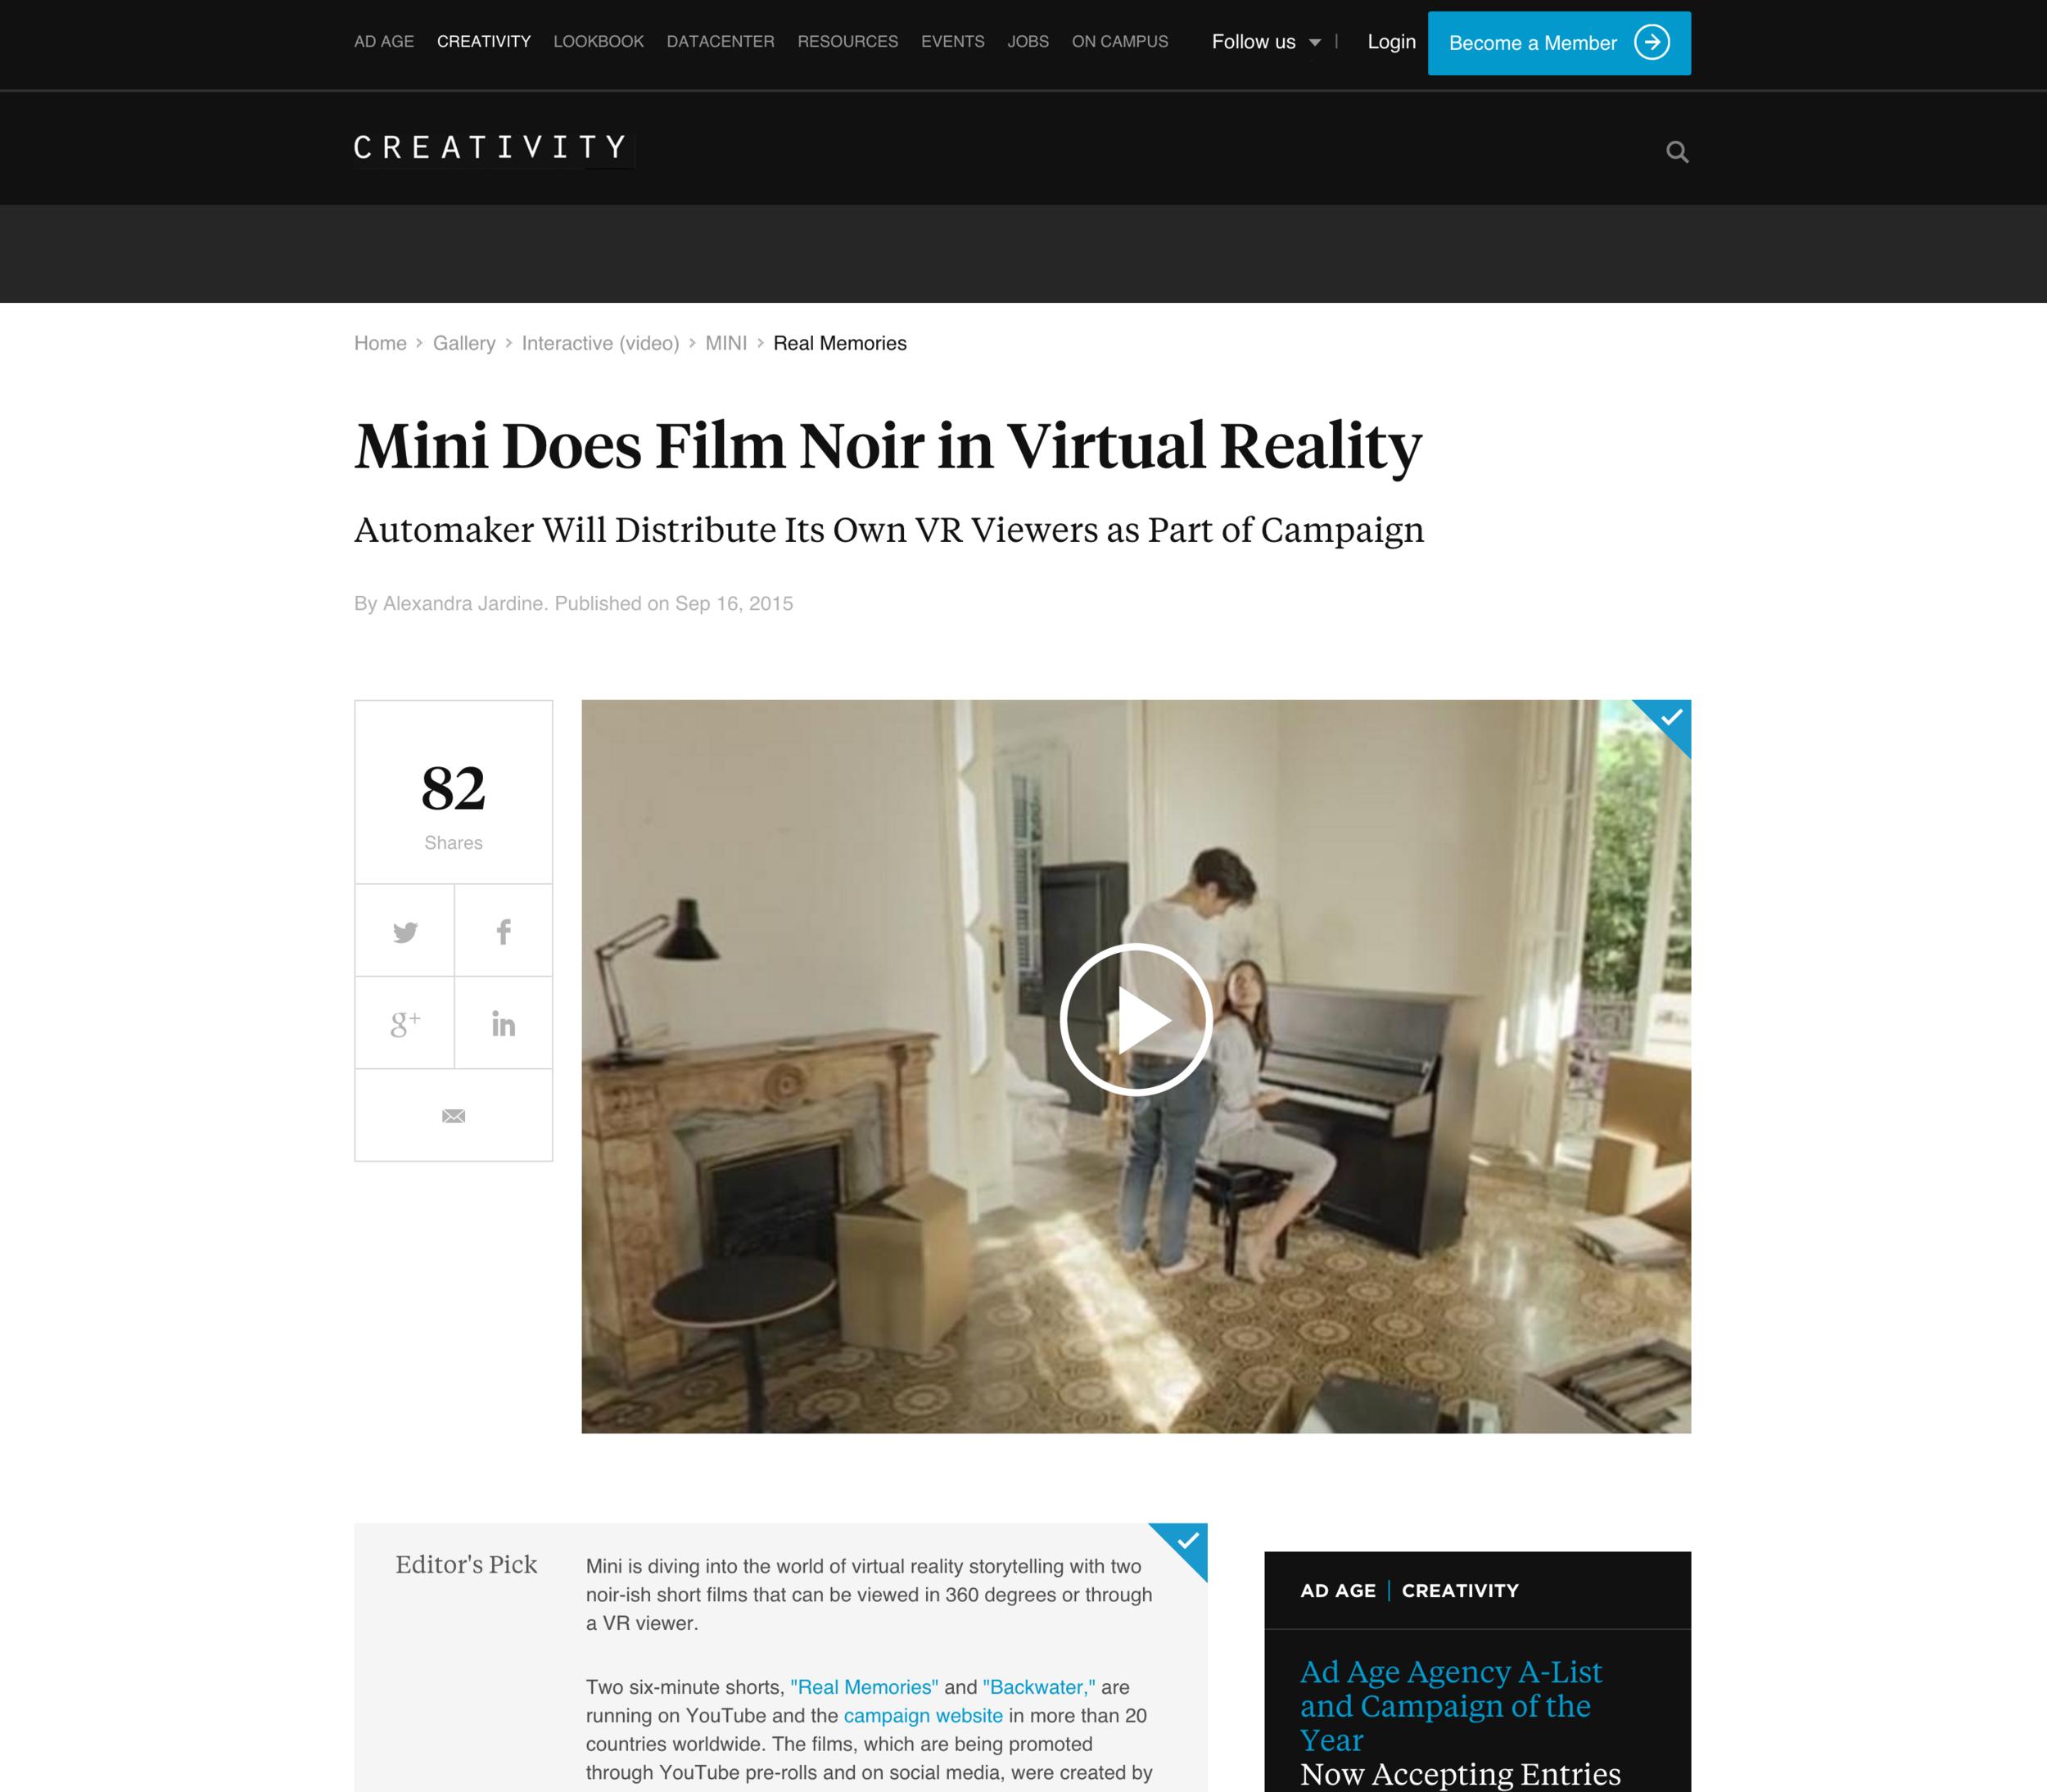 screencapture-creativity-online-com-work-mini-real-memories-43303-1447202153436.png